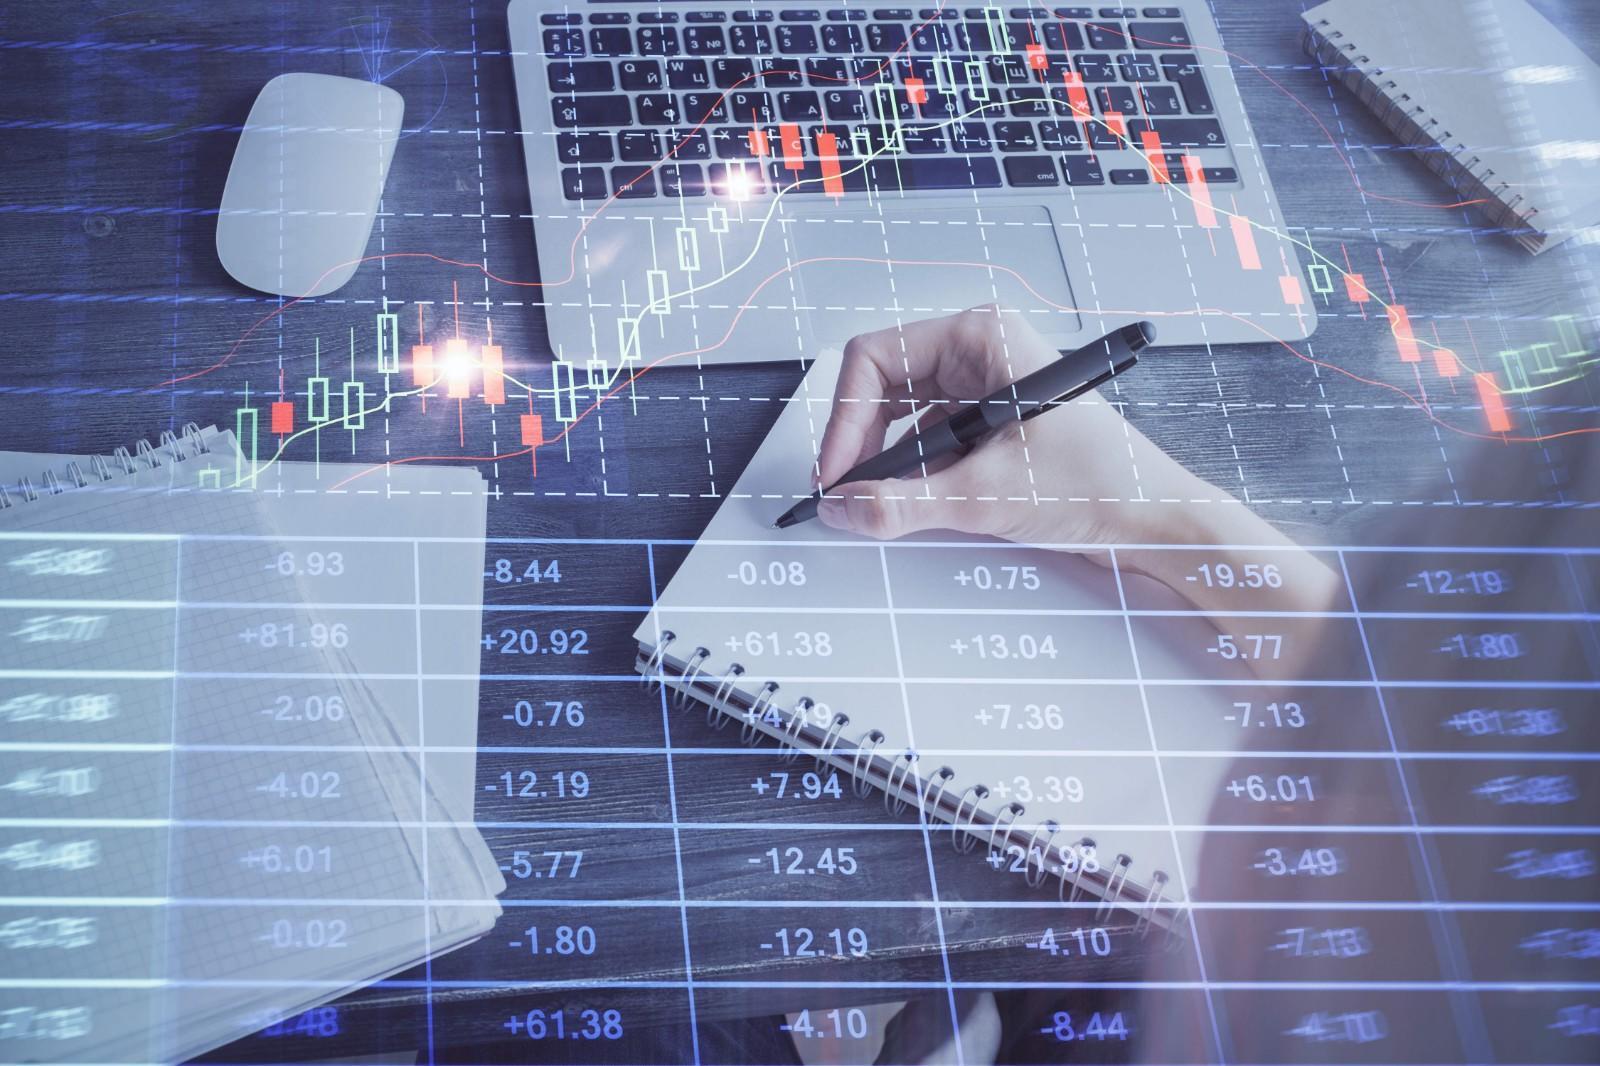 股指交割日是什么 能给市场带来哪些影响